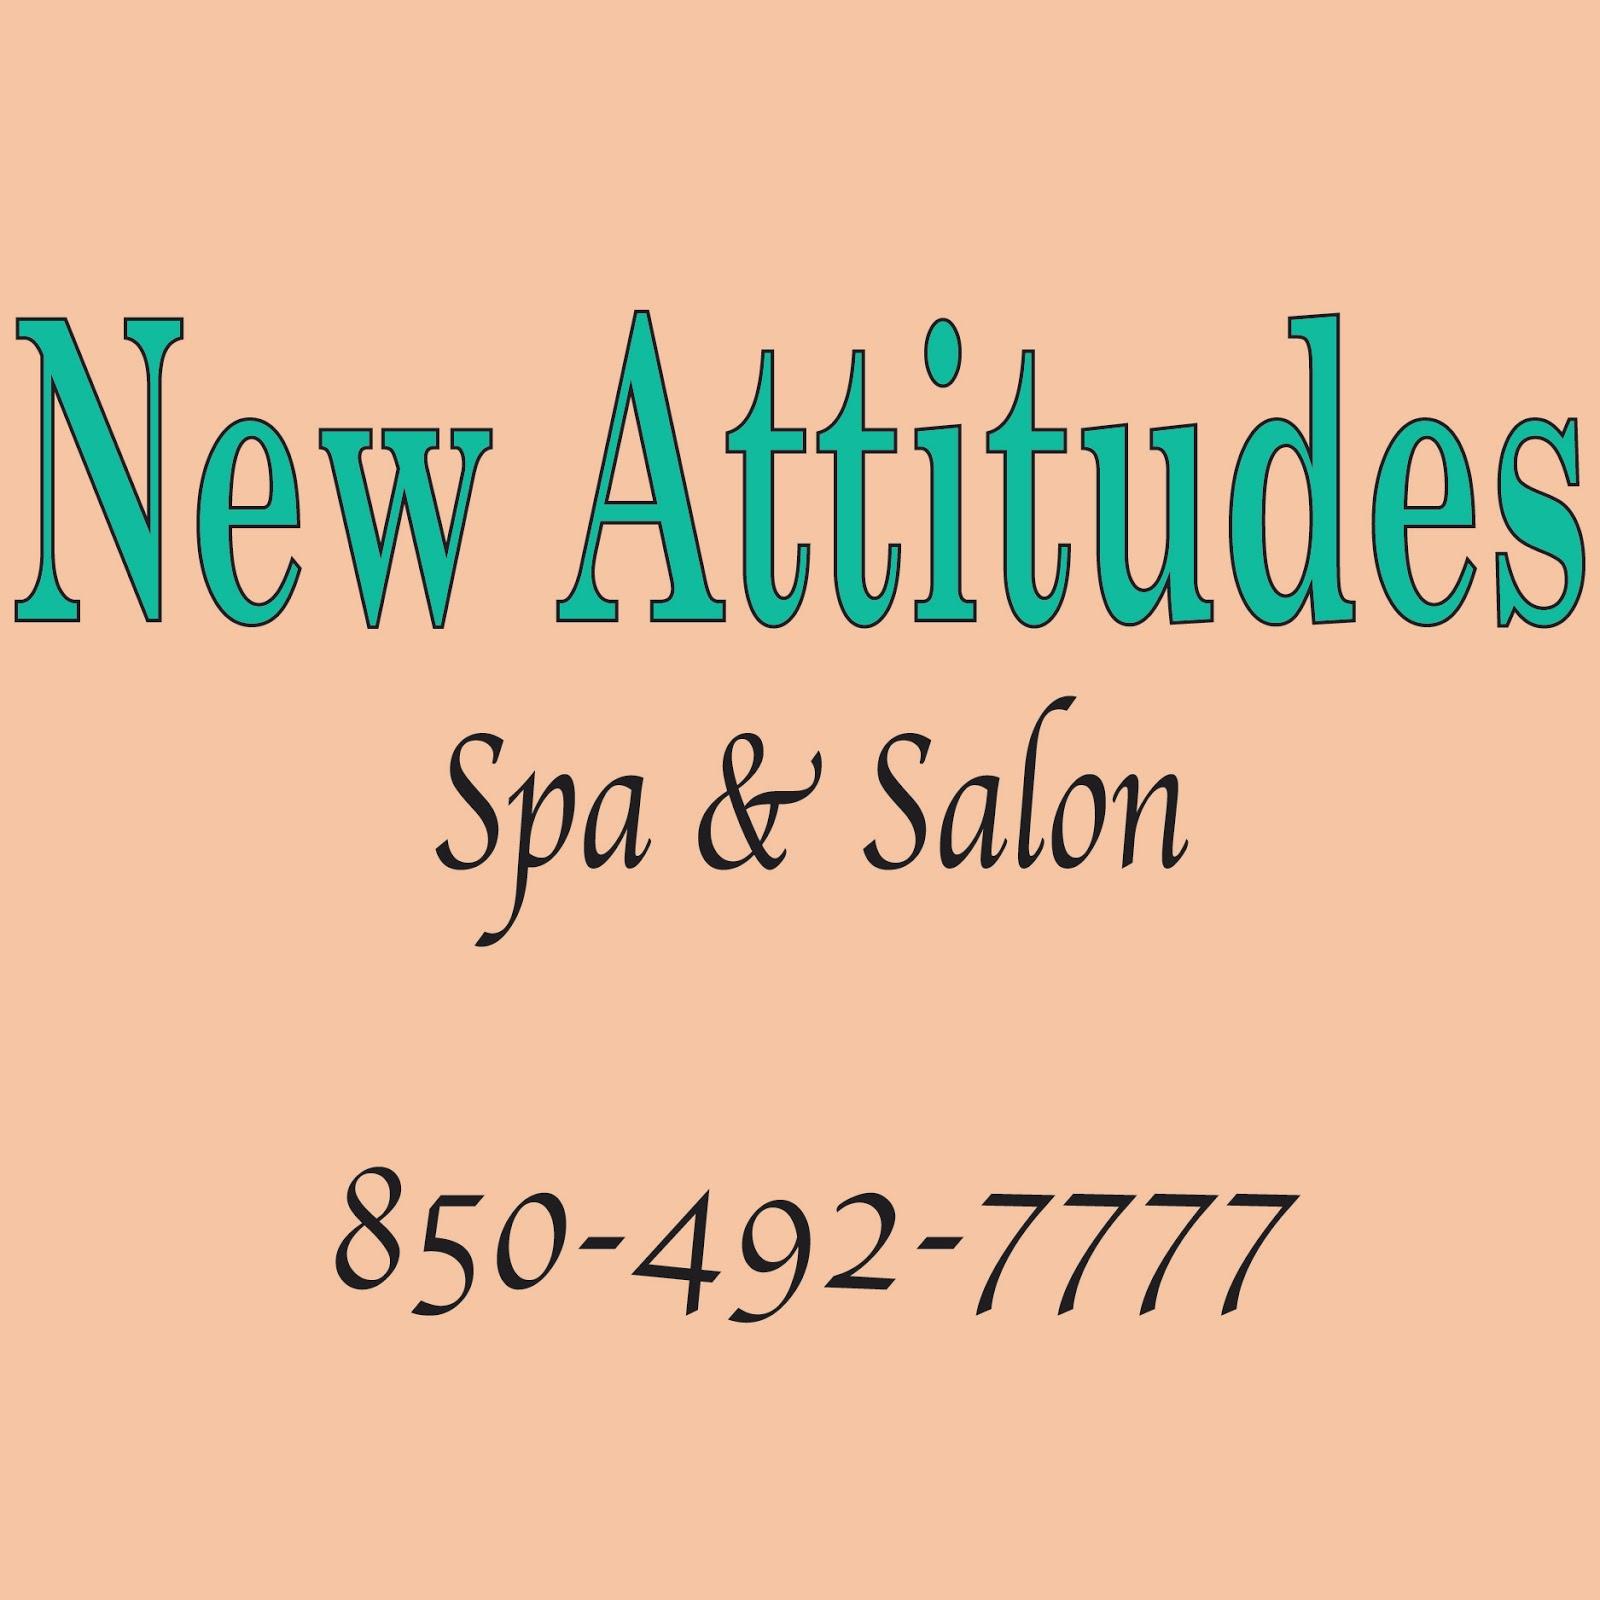 Villagio perdido new attitudes salon day spa for A new attitude salon